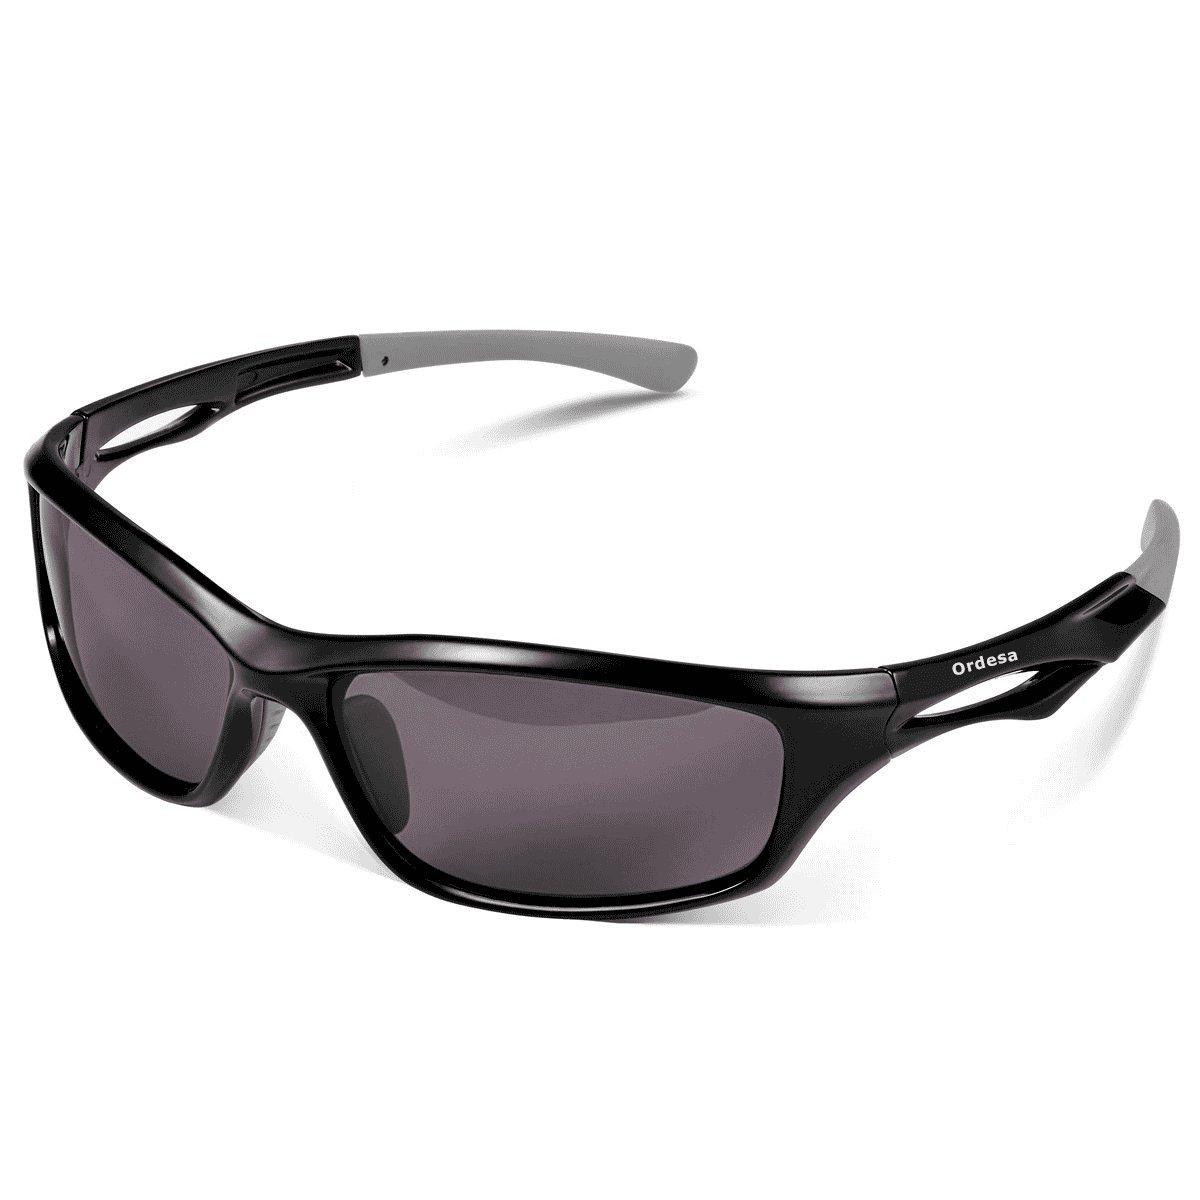 sunglasses restorer Modelo Ordesa - Gafas Ciclismo Antiniebla - Condiciones de Baja Luminosidad. 7426872654654